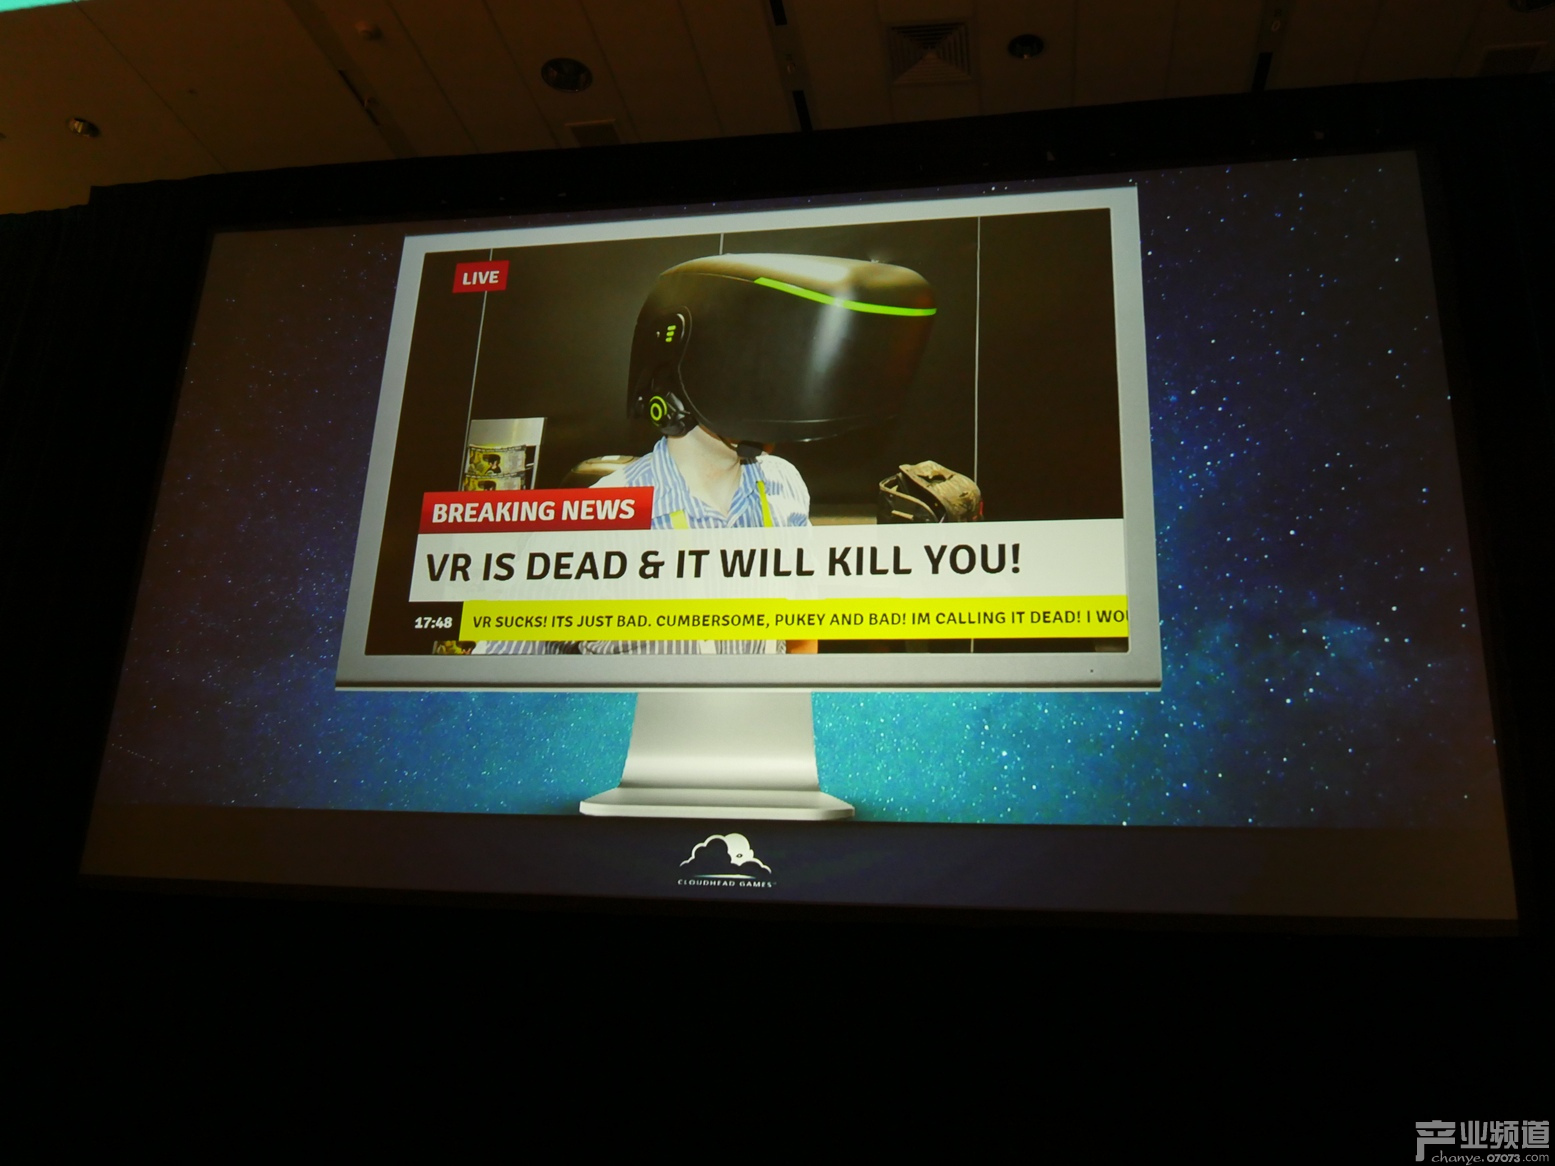 开发者:VR游戏终将会成为主流 目前尚有2年低谷期